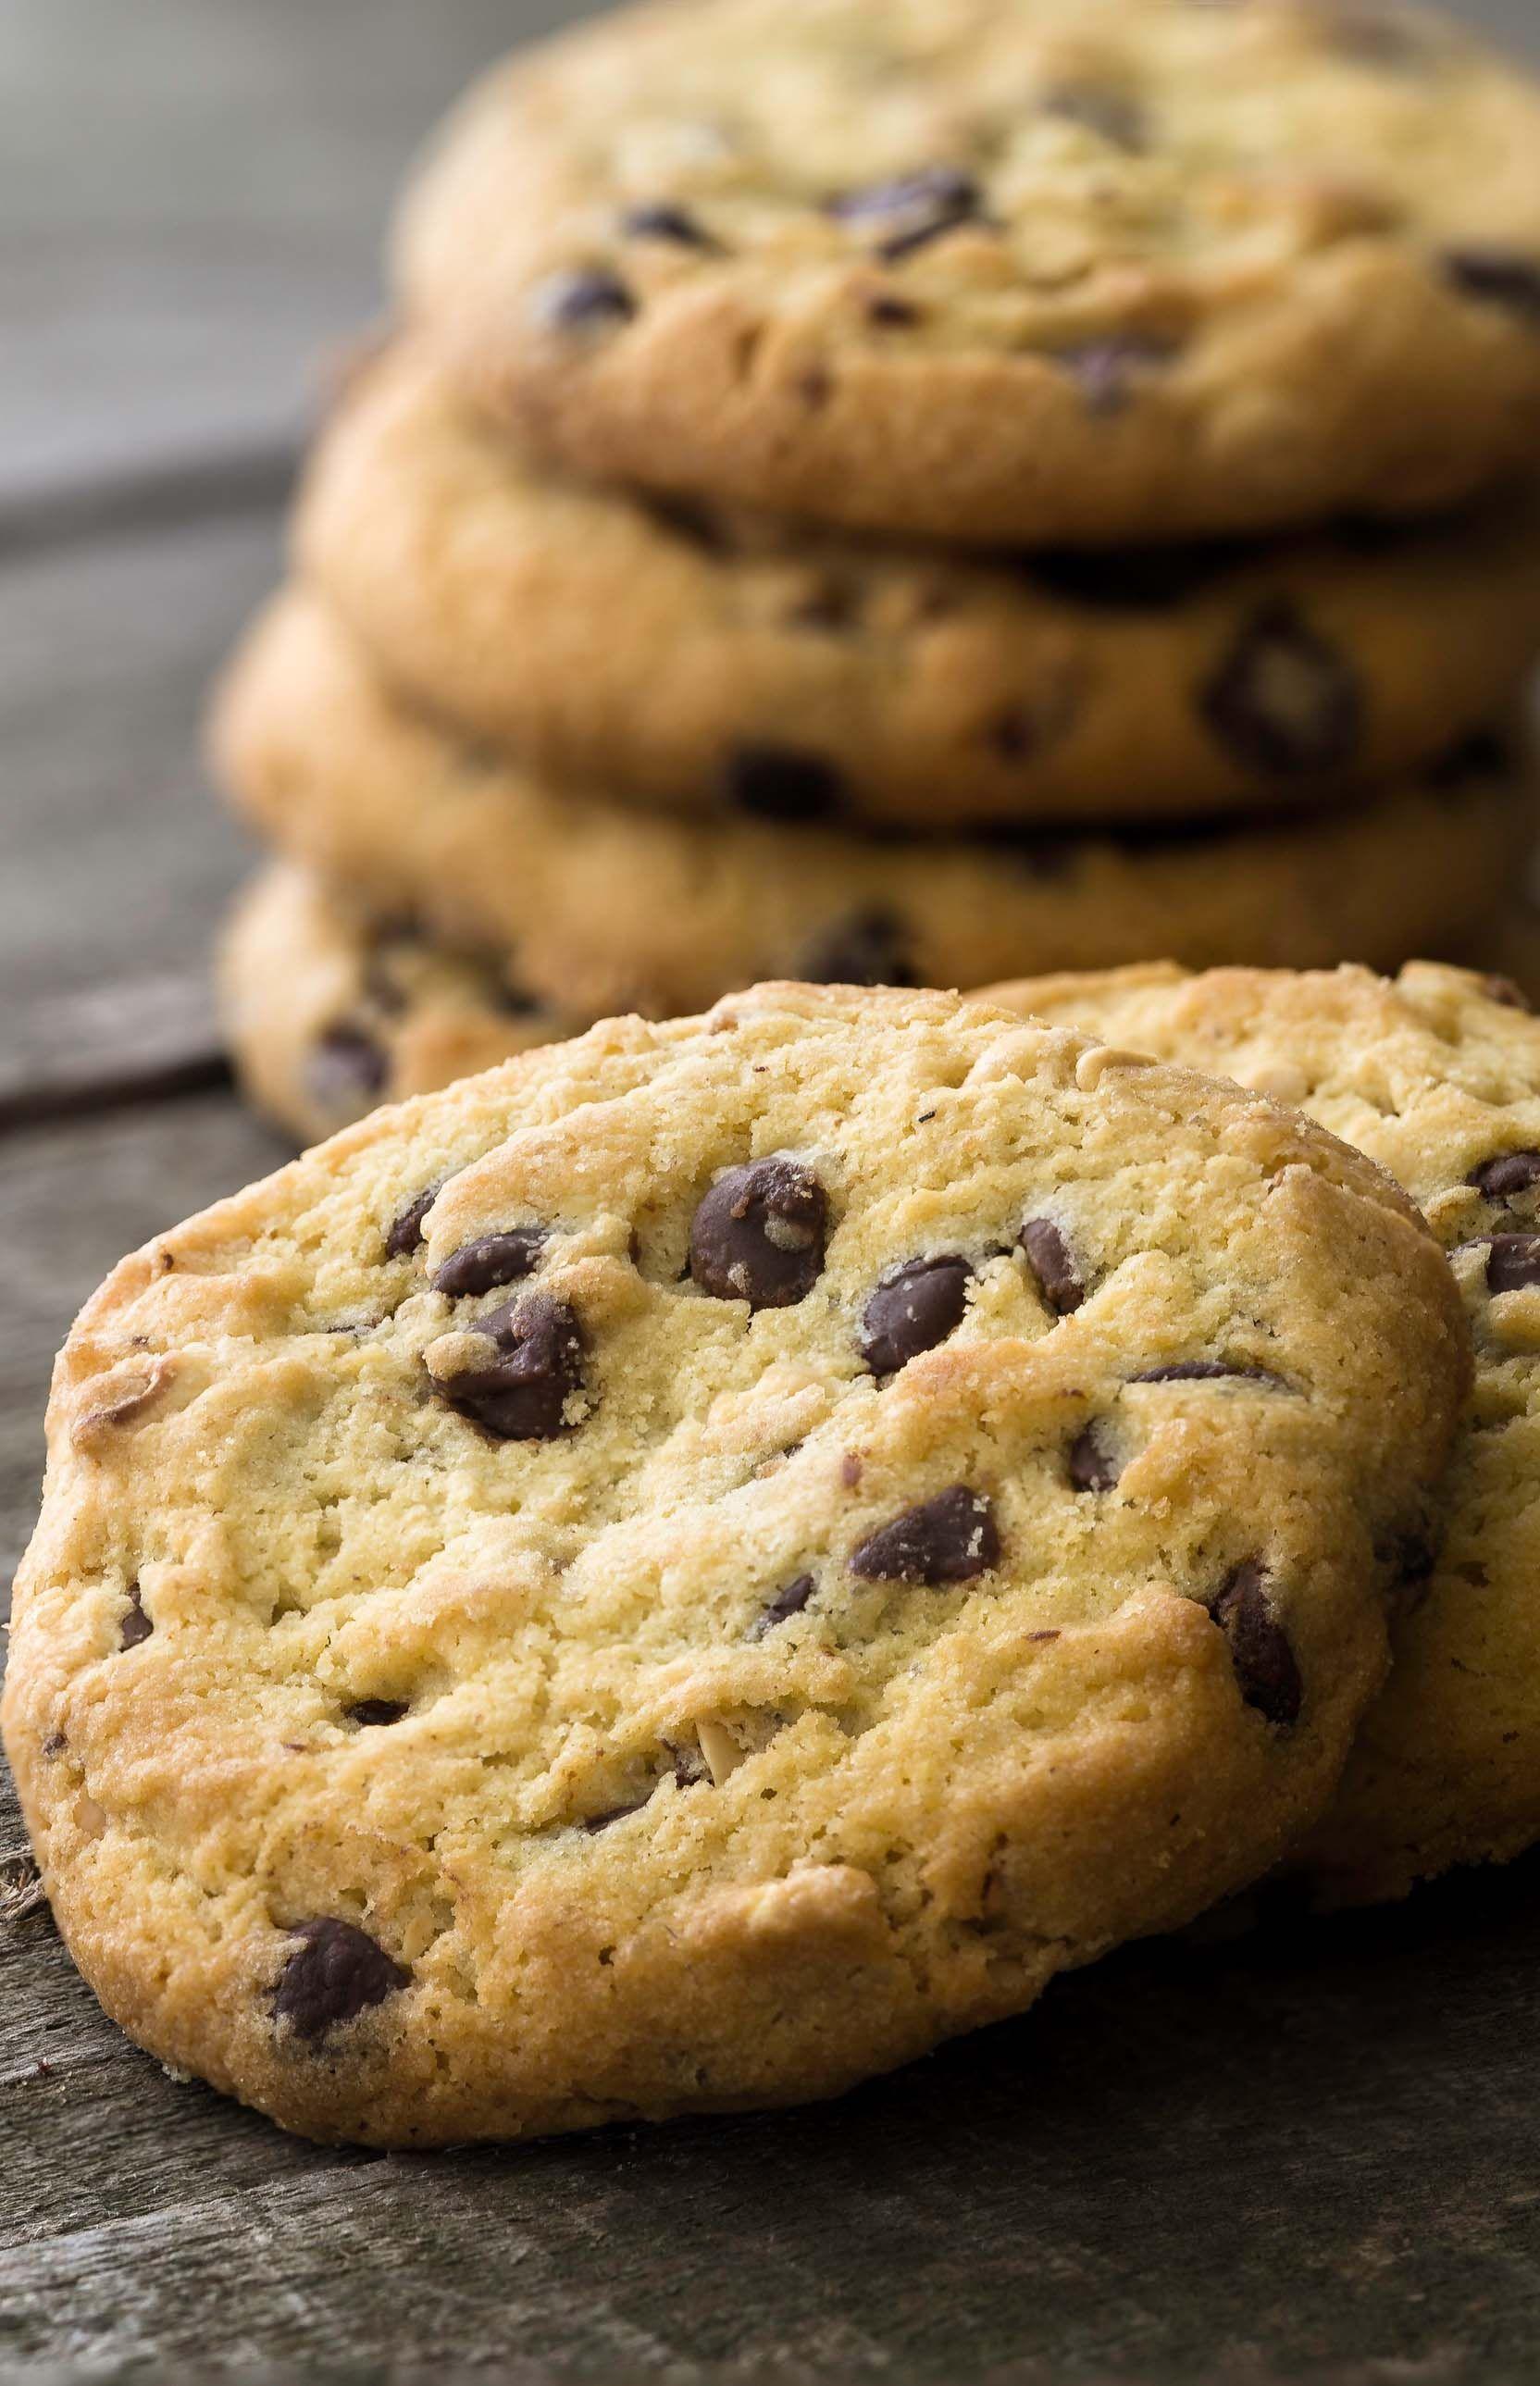 Recette Pour Cuisiner Avec Les Enfants Biscuits Moelleux Aux Pepites De Chocolat Recette Recette Cookies Moelleux Cookies Moelleux Cookies Et Biscuits